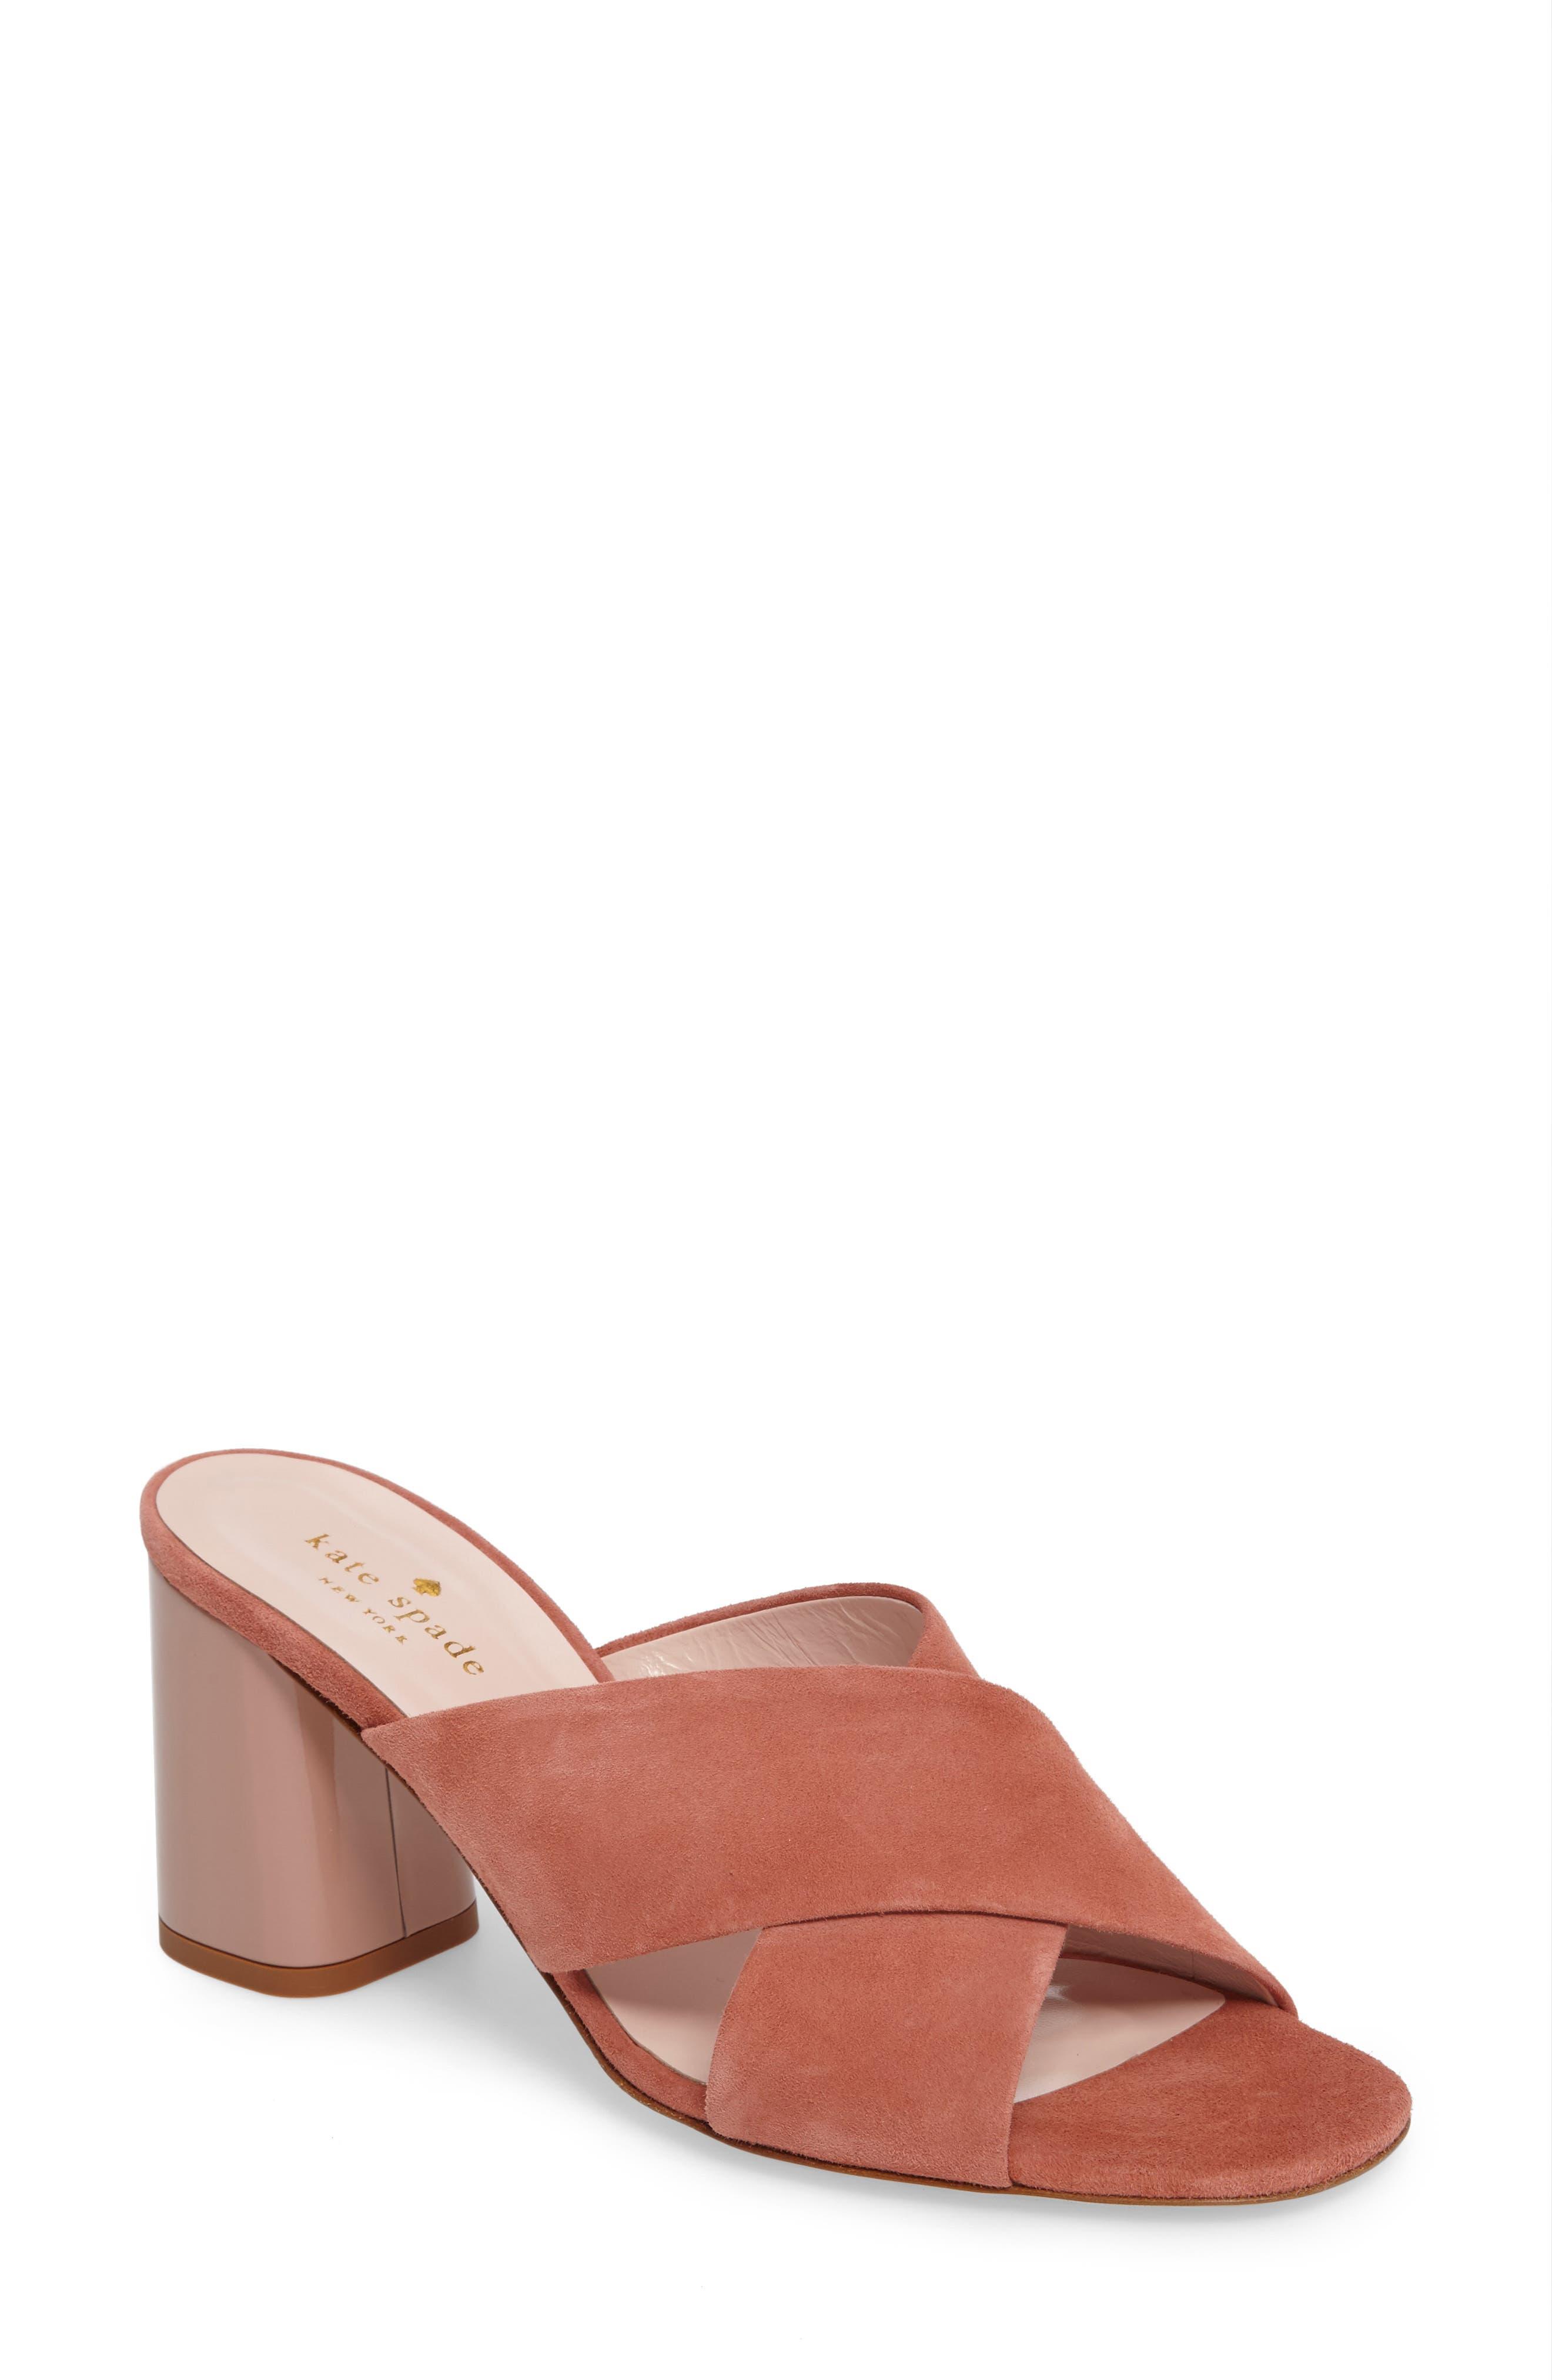 kate spade new york denault slide sandal (Women)